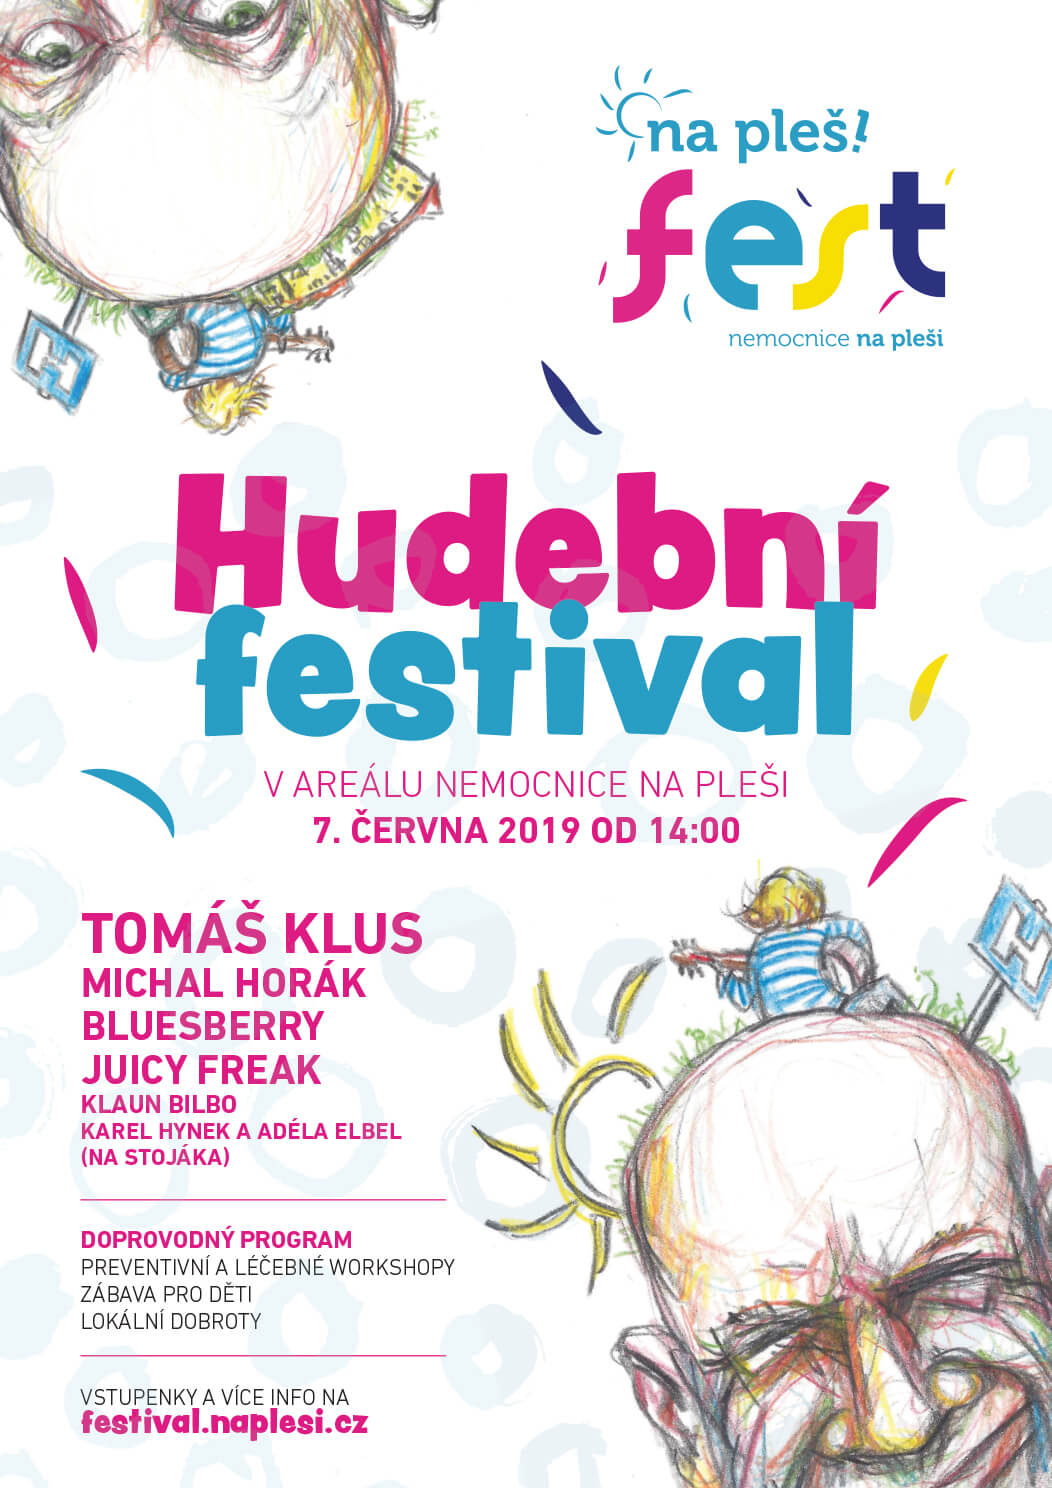 Plakát NaPleš!Fest 2019